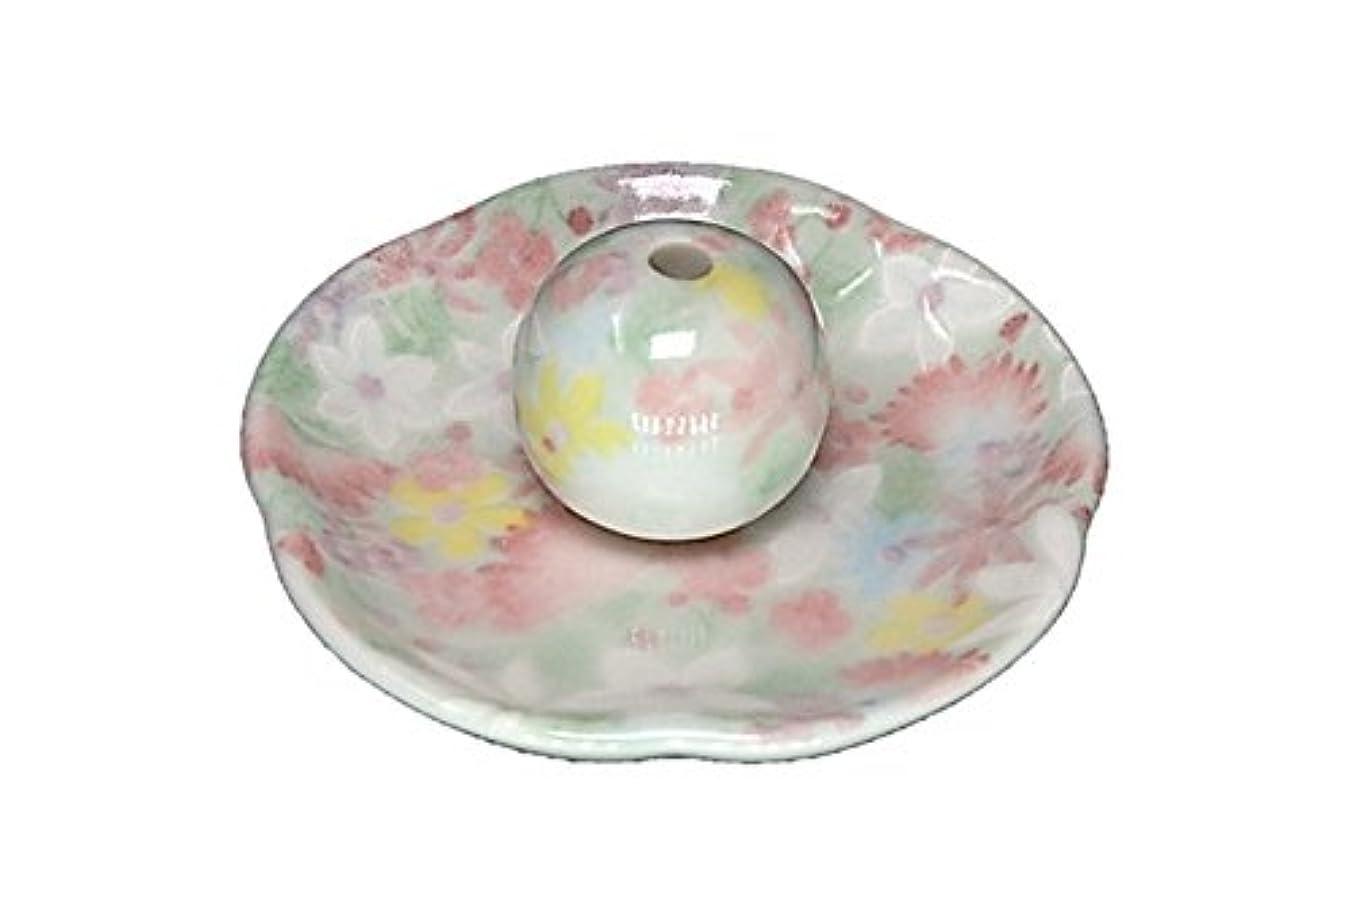 区別くそー結婚式華苑 花形香皿 お香立て 日本製 製造 直売品